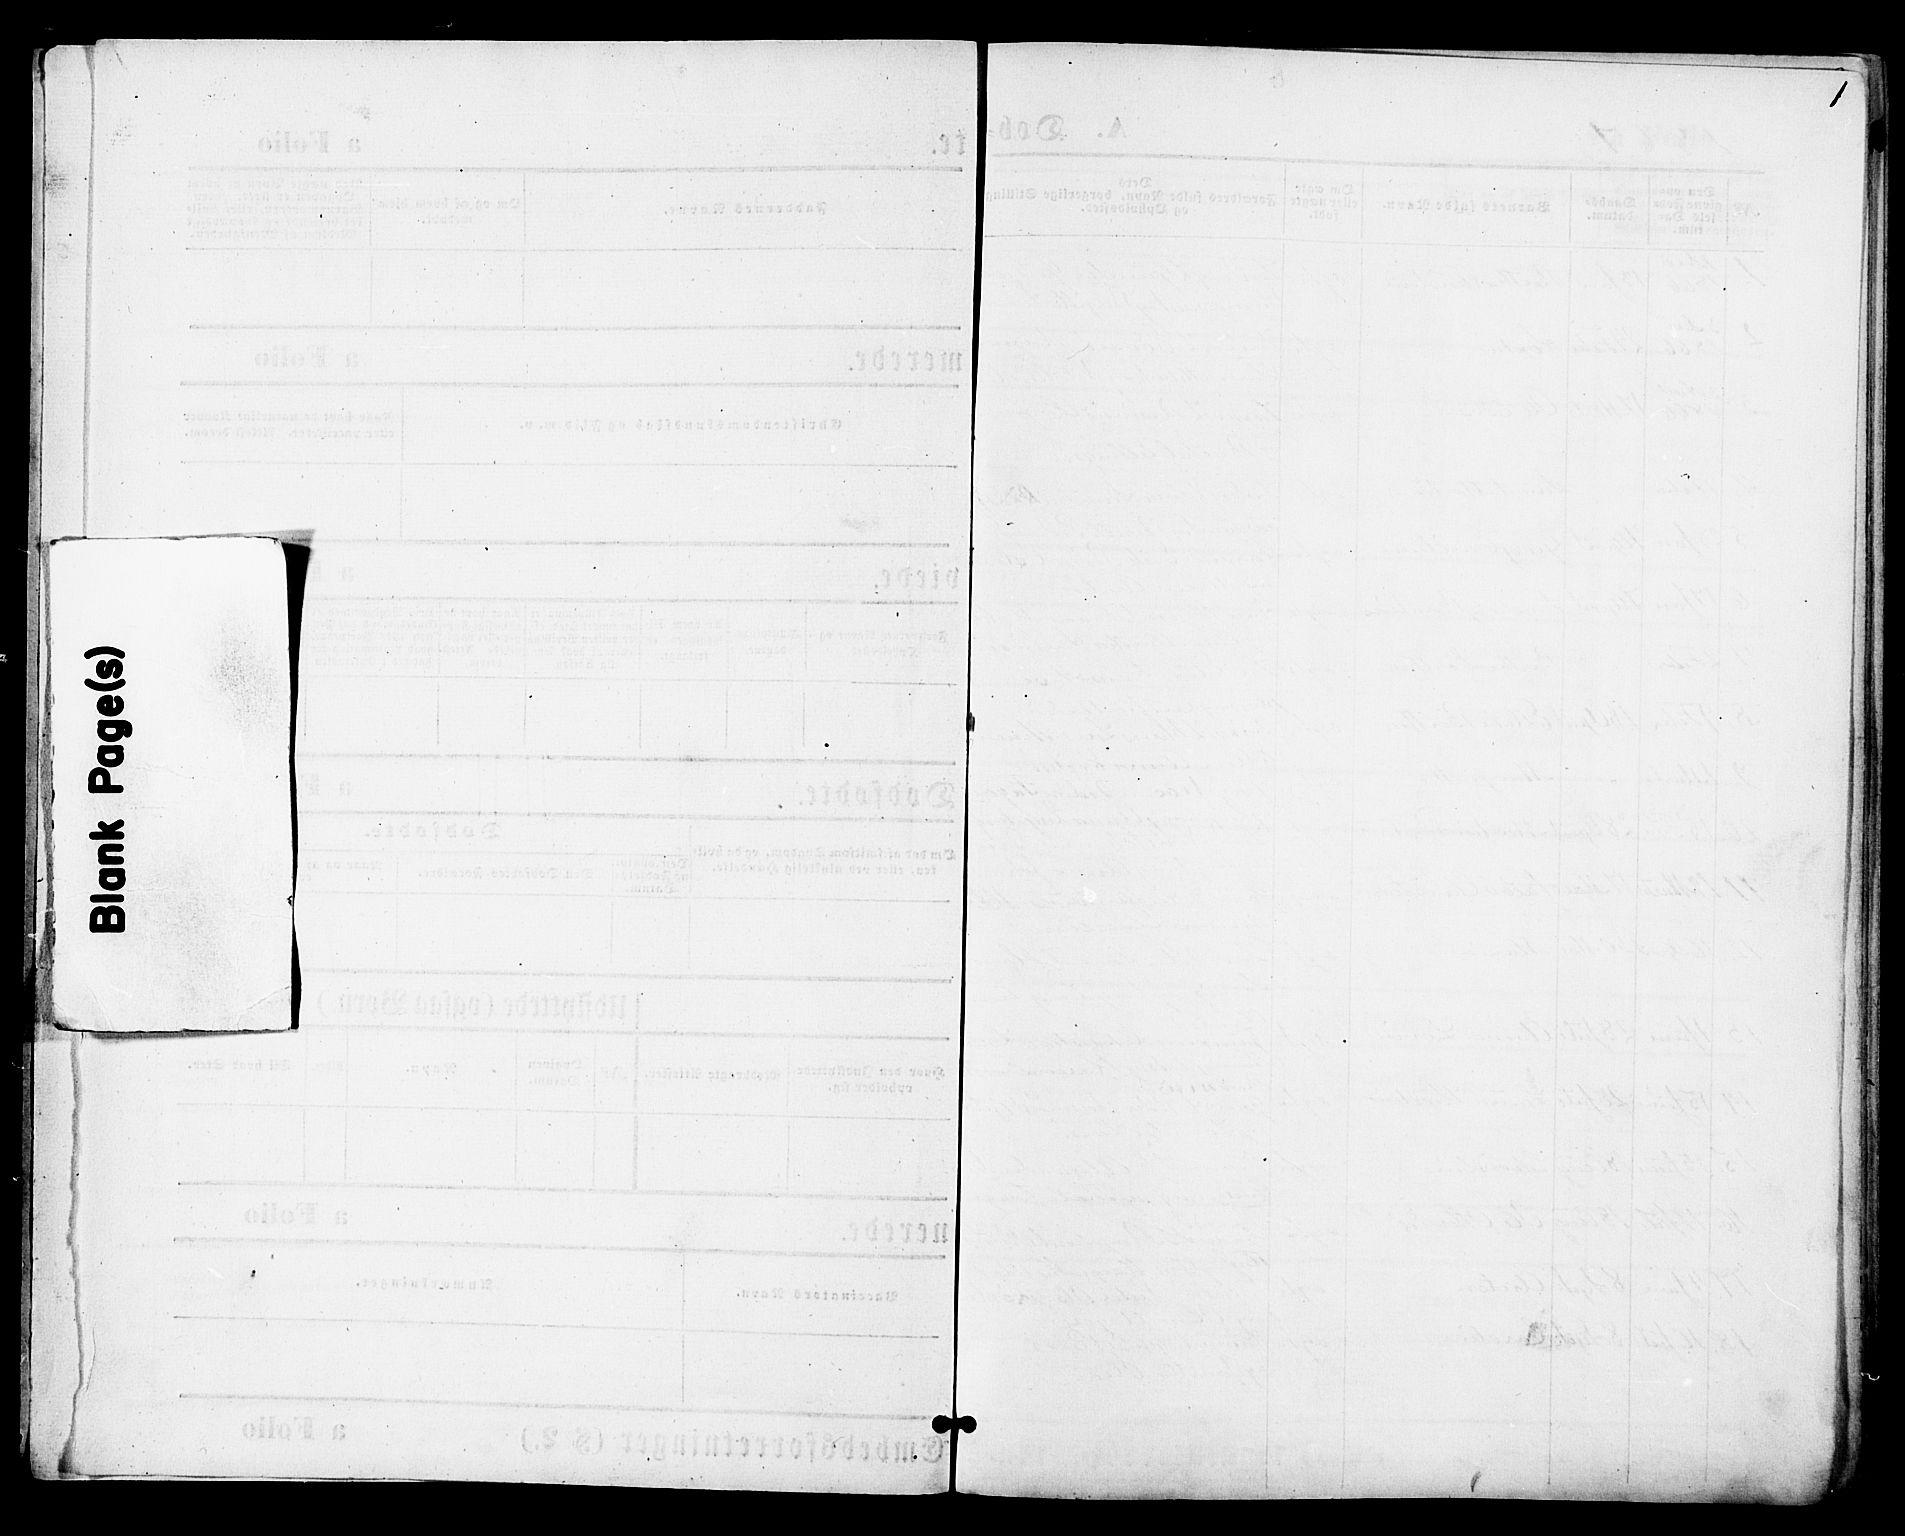 SAT, Ministerialprotokoller, klokkerbøker og fødselsregistre - Nord-Trøndelag, 744/L0419: Ministerialbok nr. 744A03, 1867-1881, s. 1